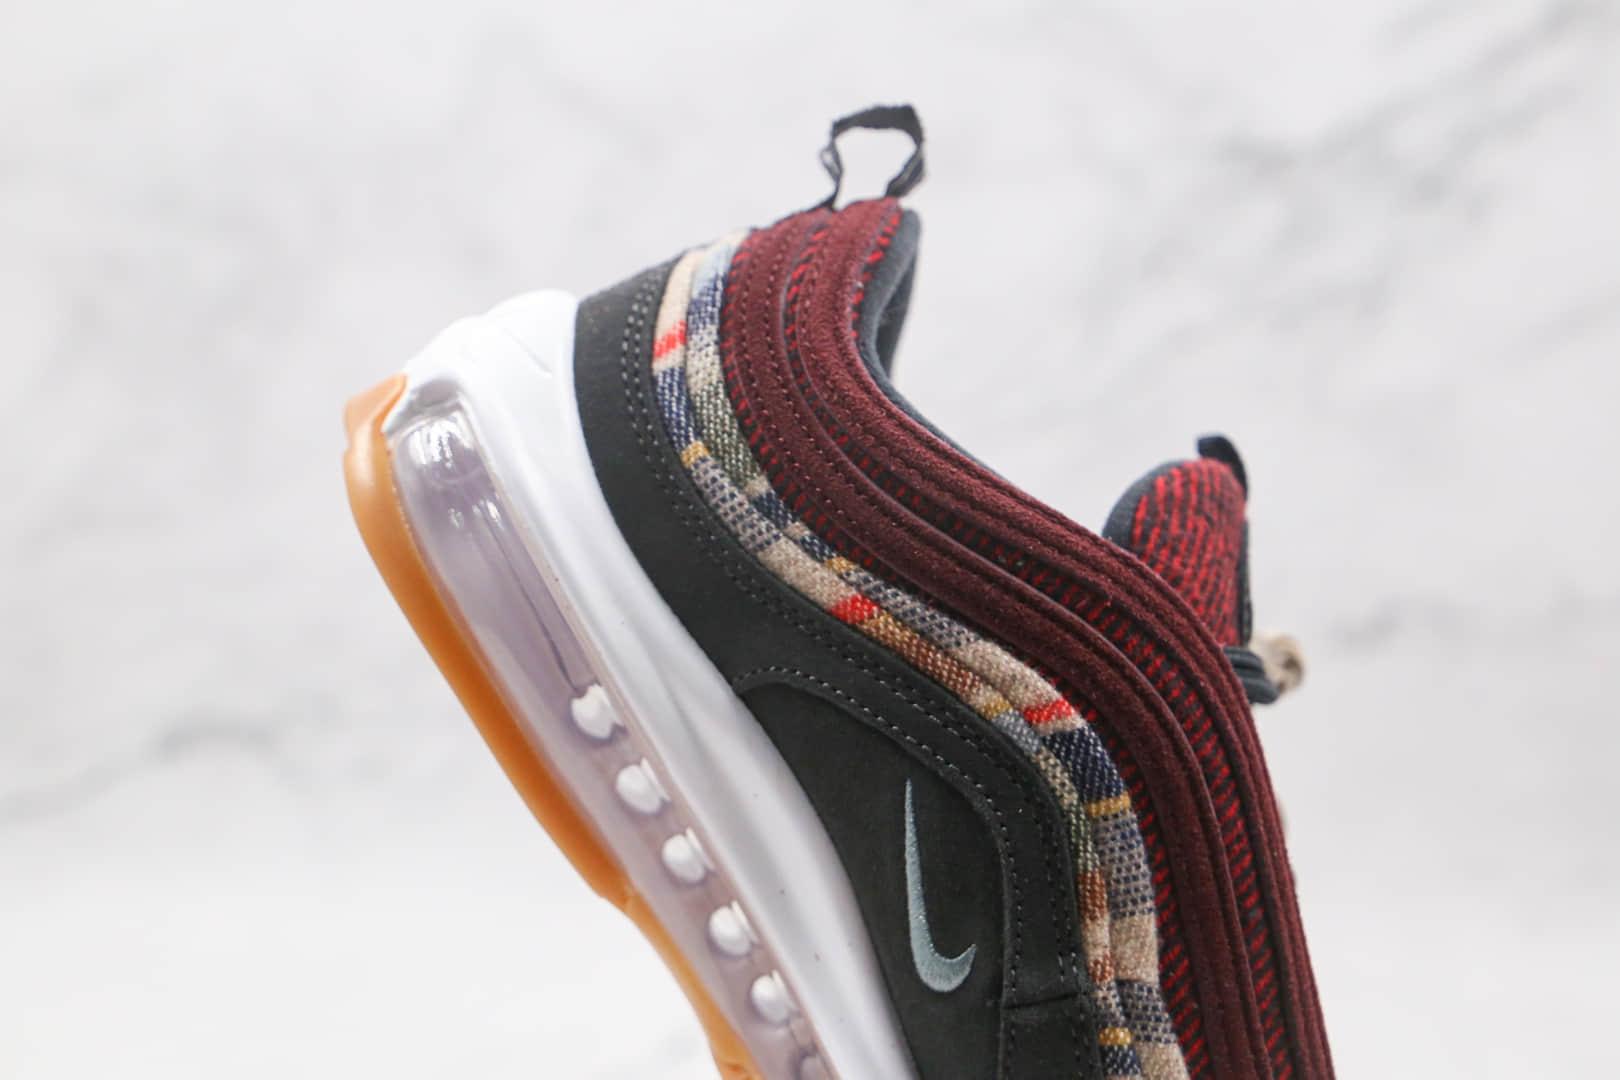 耐克Nike Air Max 97纯原版本酒红格子色Max97子弹气垫鞋真小潘气垫 货号:DC3494-993